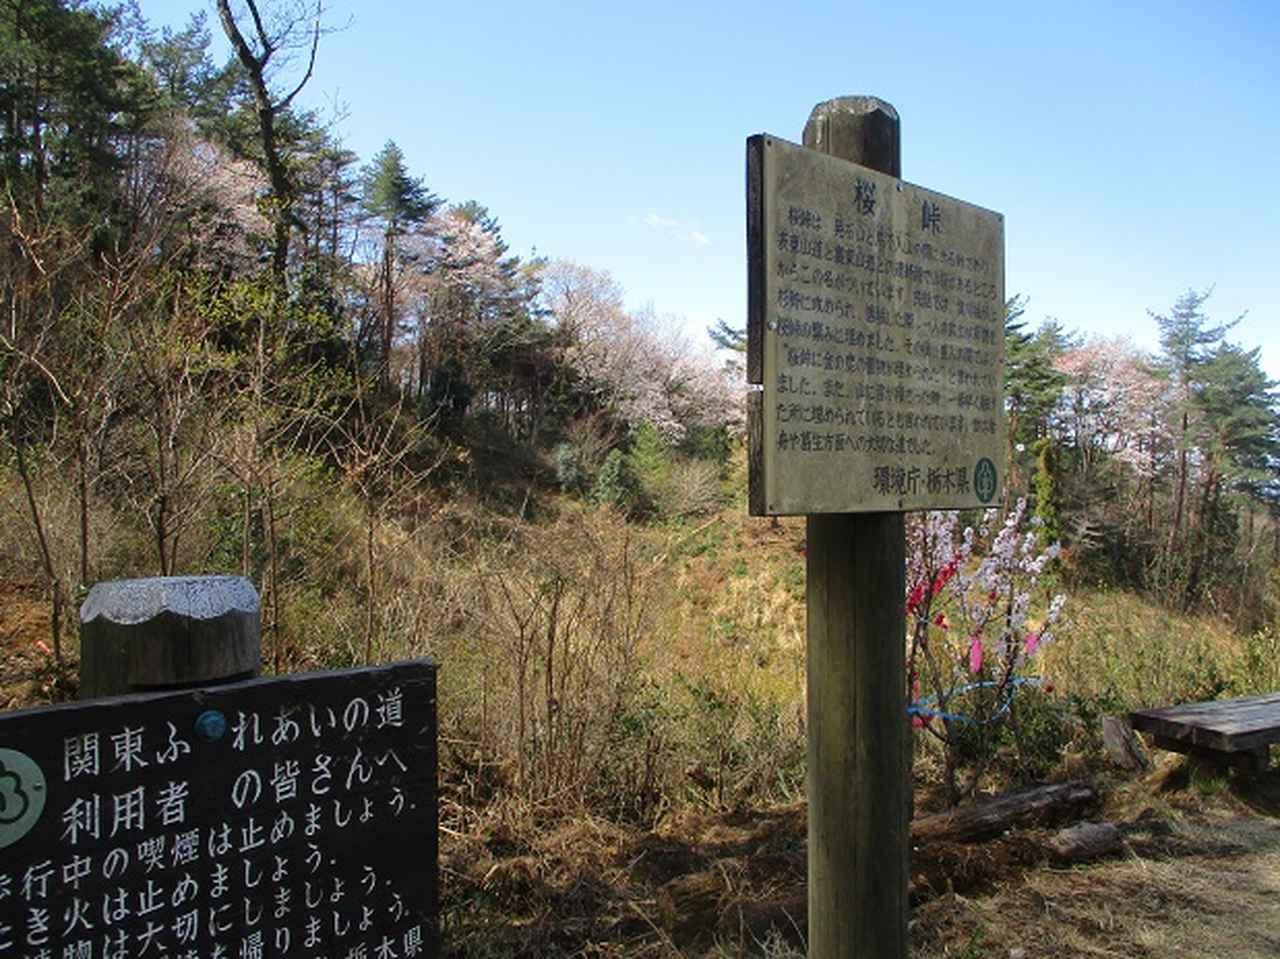 画像4: 4月9日に山旅会 晃石山から太平山 ツアーに行ってきました! にいって